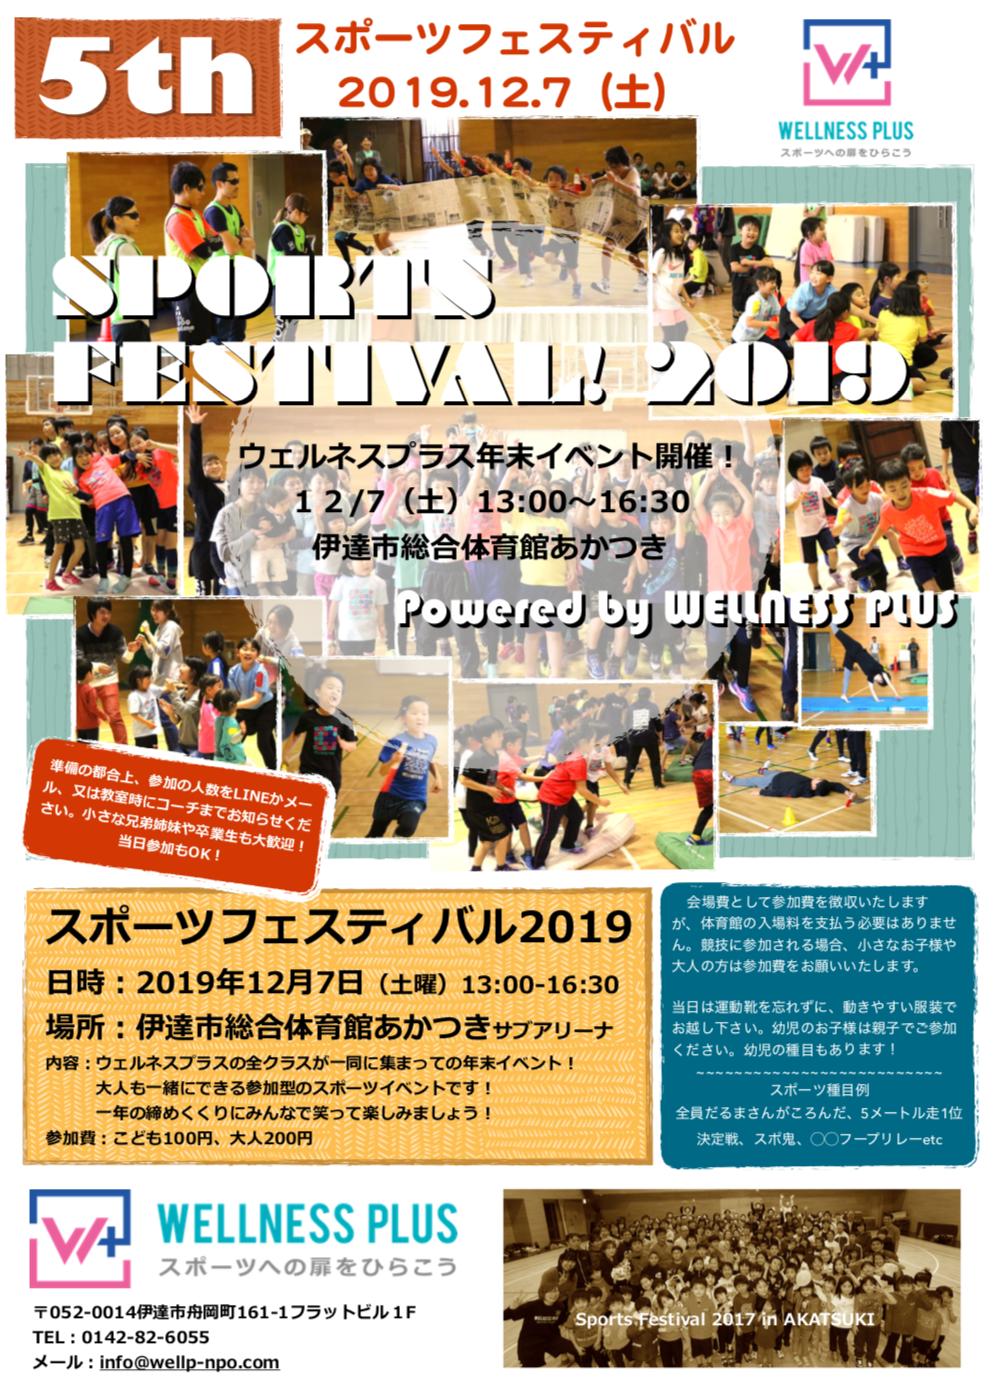 2019年12月7日開催!スポーツフェスティバル2019inあかつき!